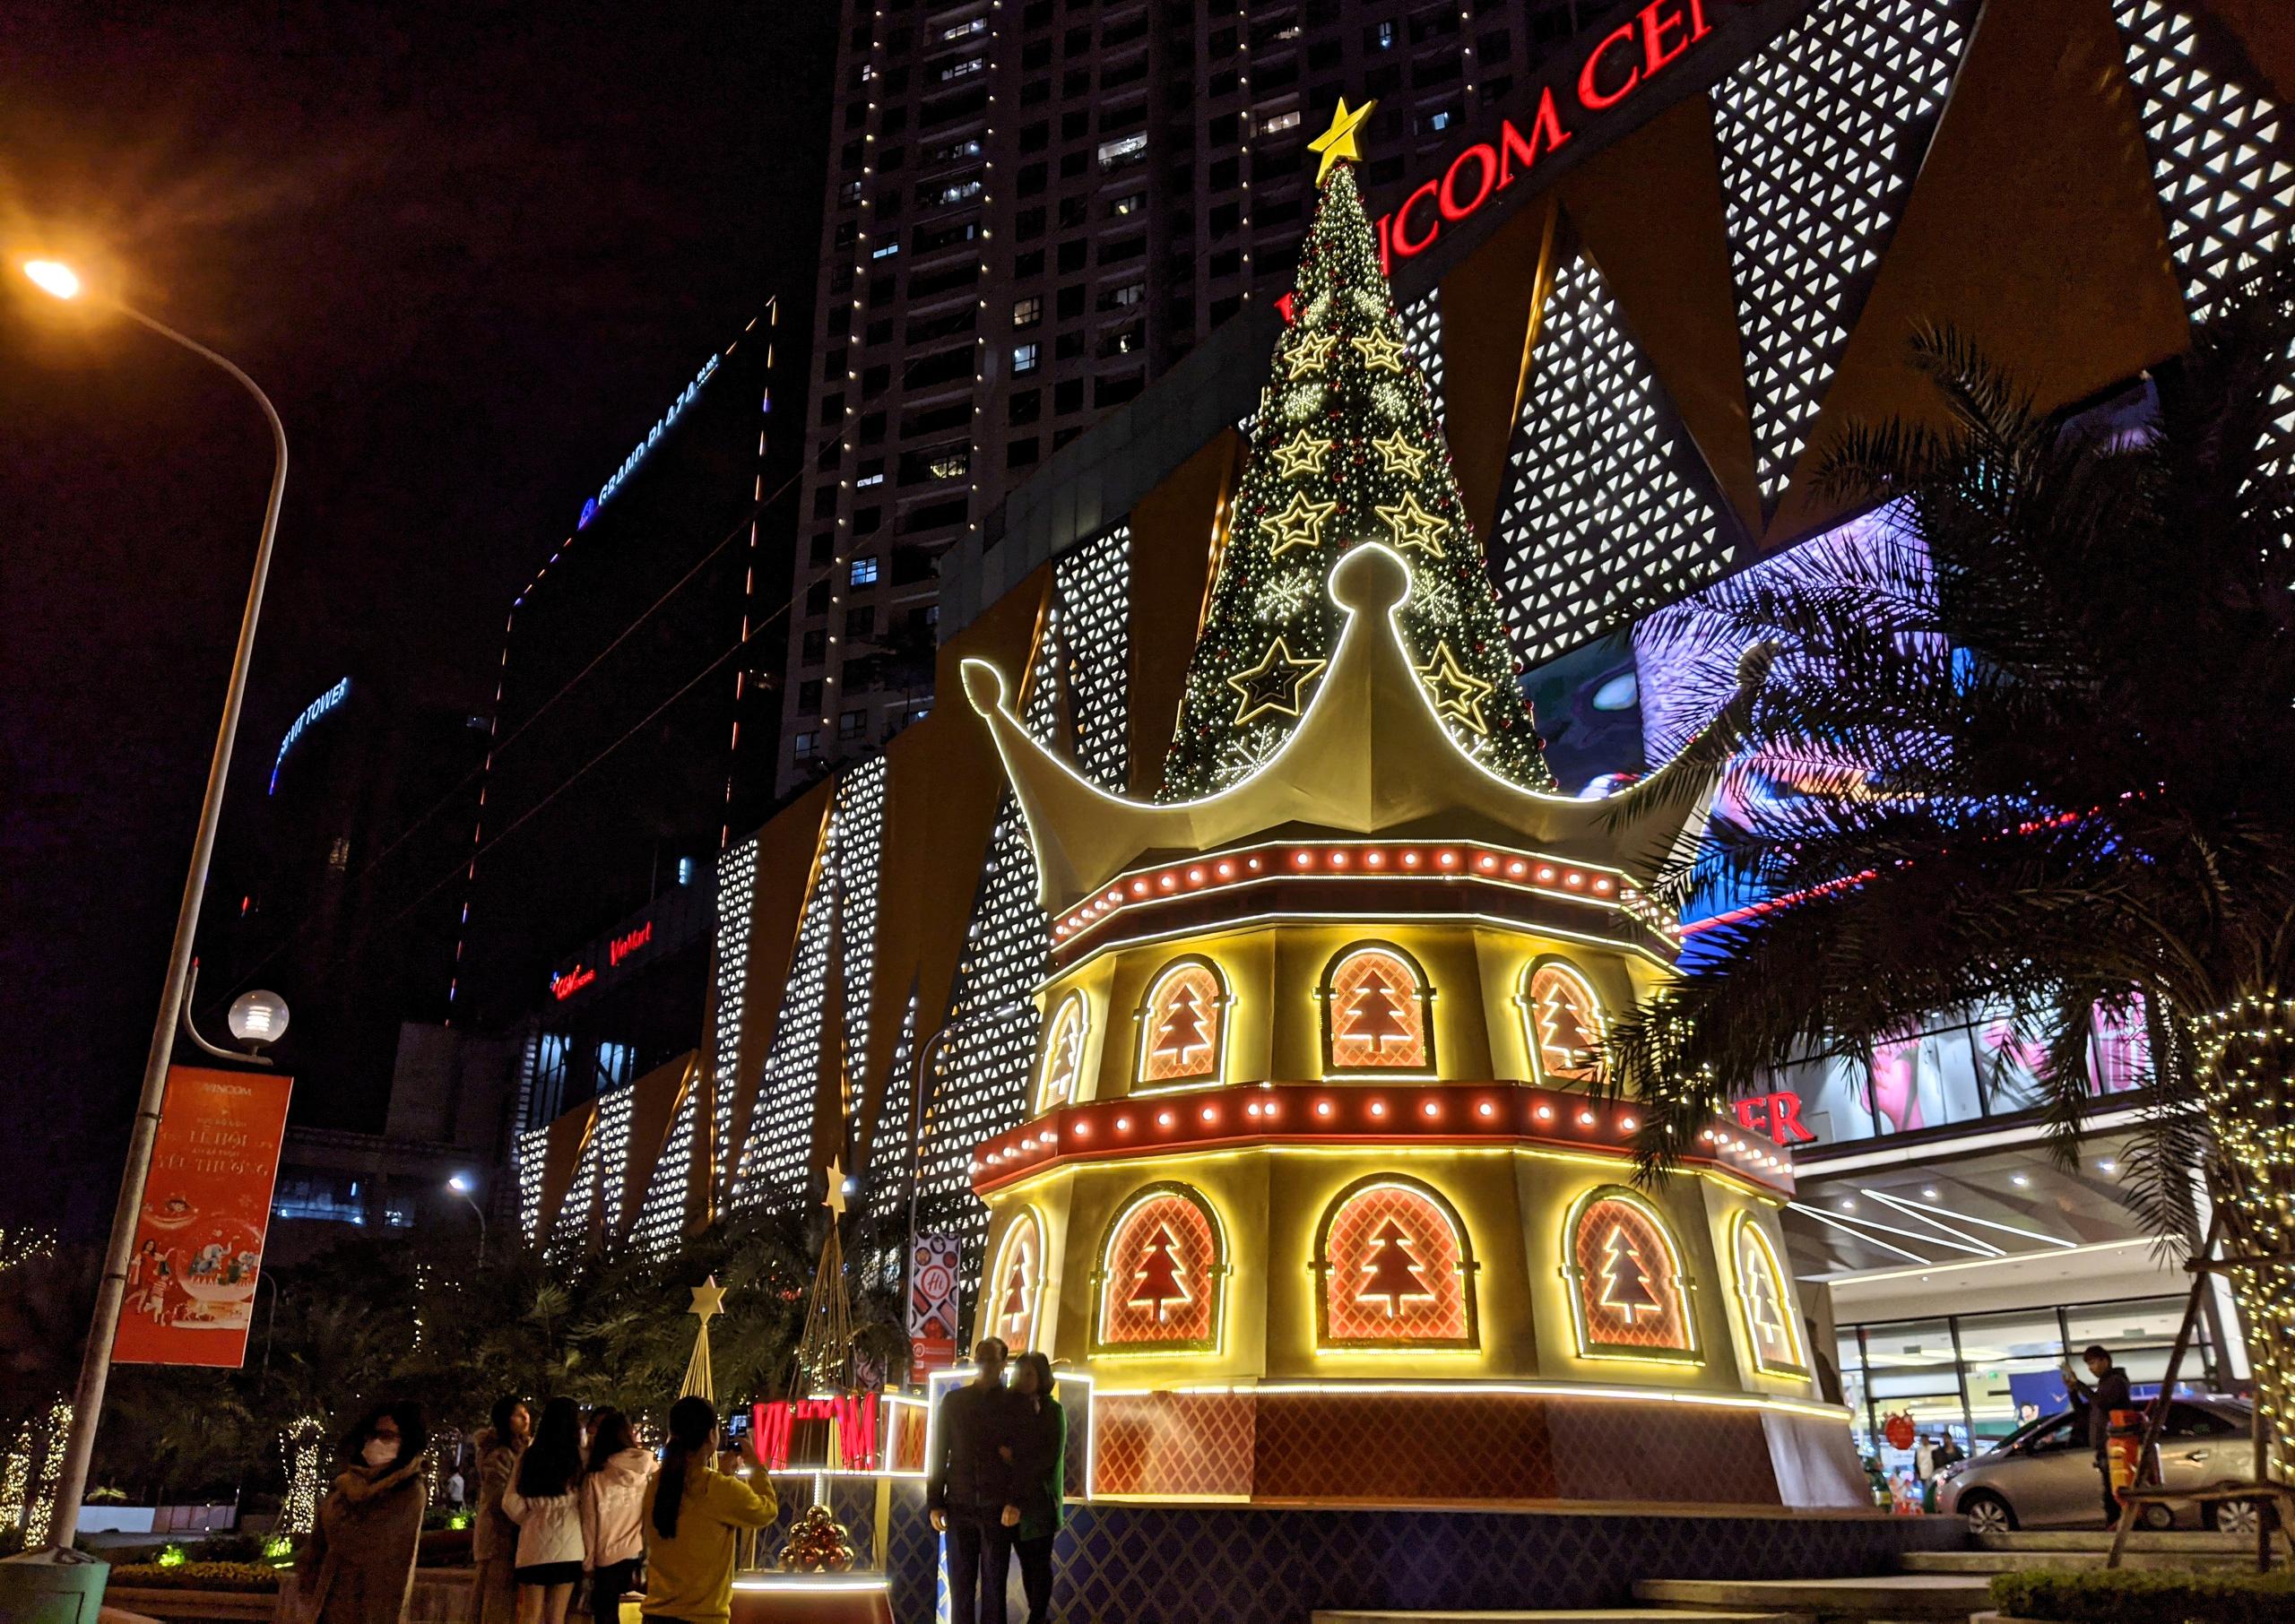 Khách sạn, trung tâm thương mại đồng loạt 'thay áo' mùa Giáng sinh 2020 - Ảnh 6.